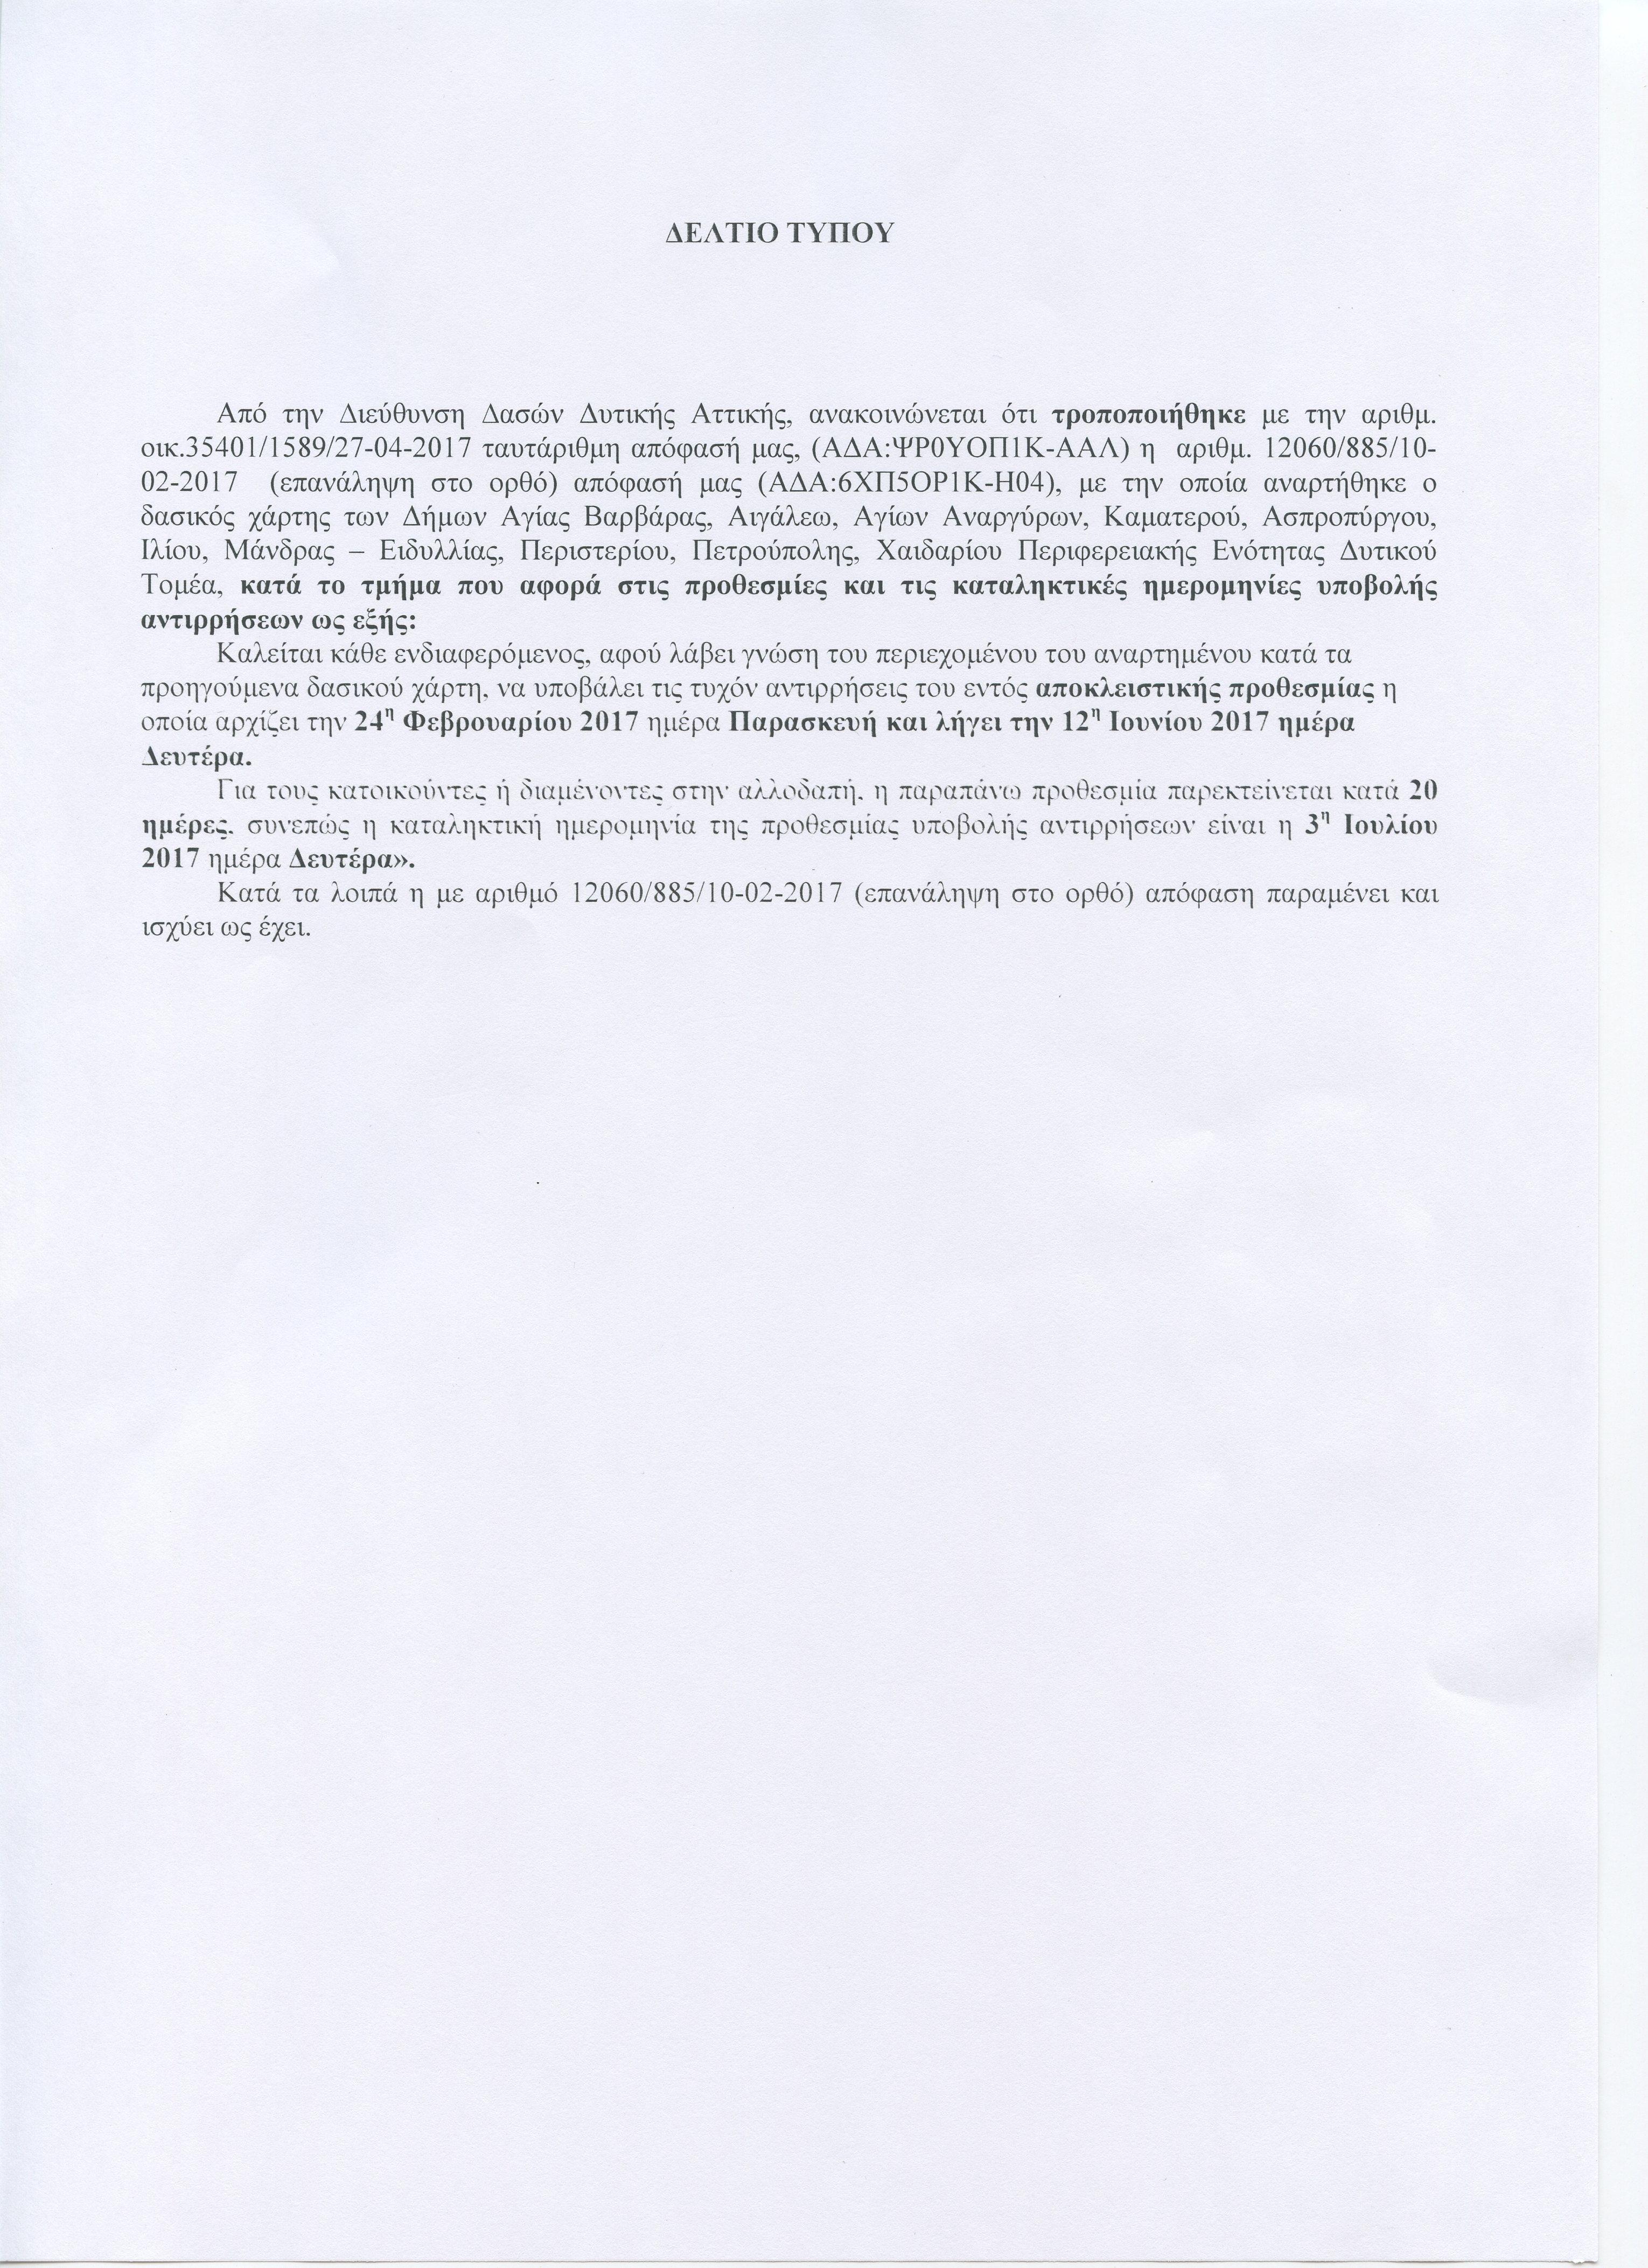 Dhmosieyseis Page 28 Of 131 Apokentrwmenh Dioikhsh Attikhs